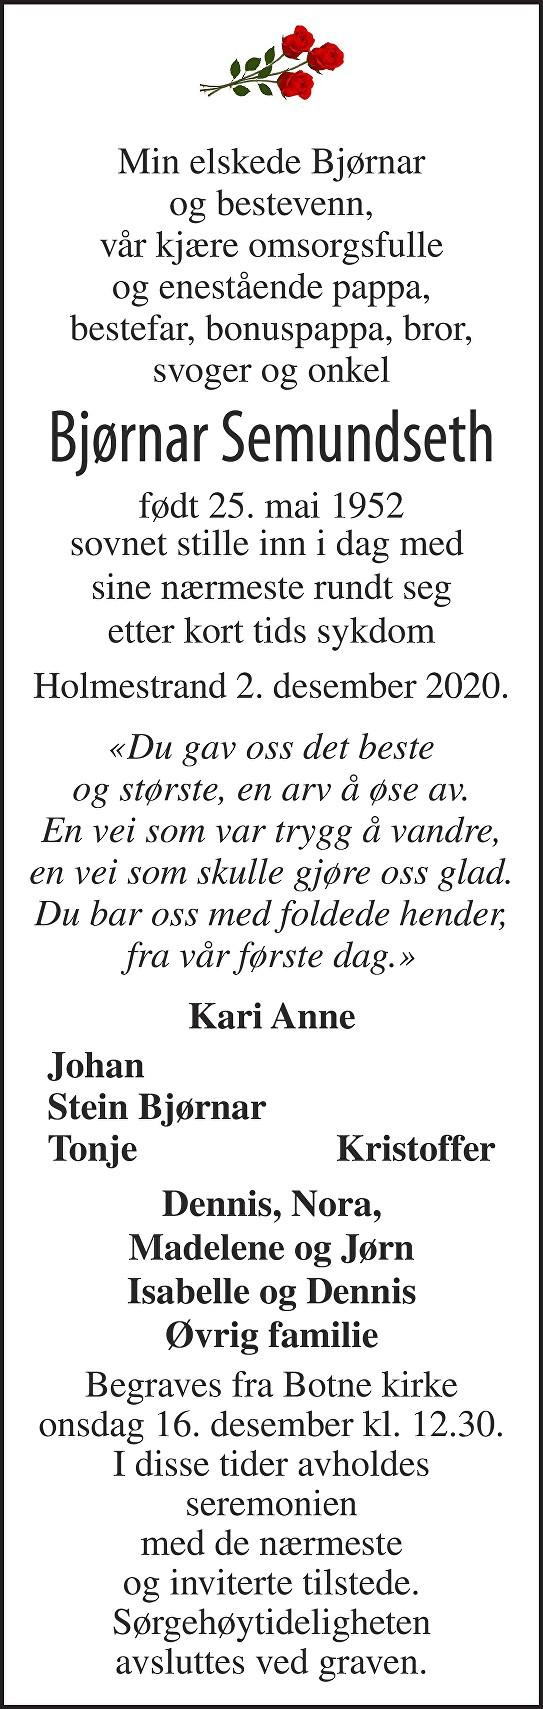 Bjørnar Semundseth Dødsannonse